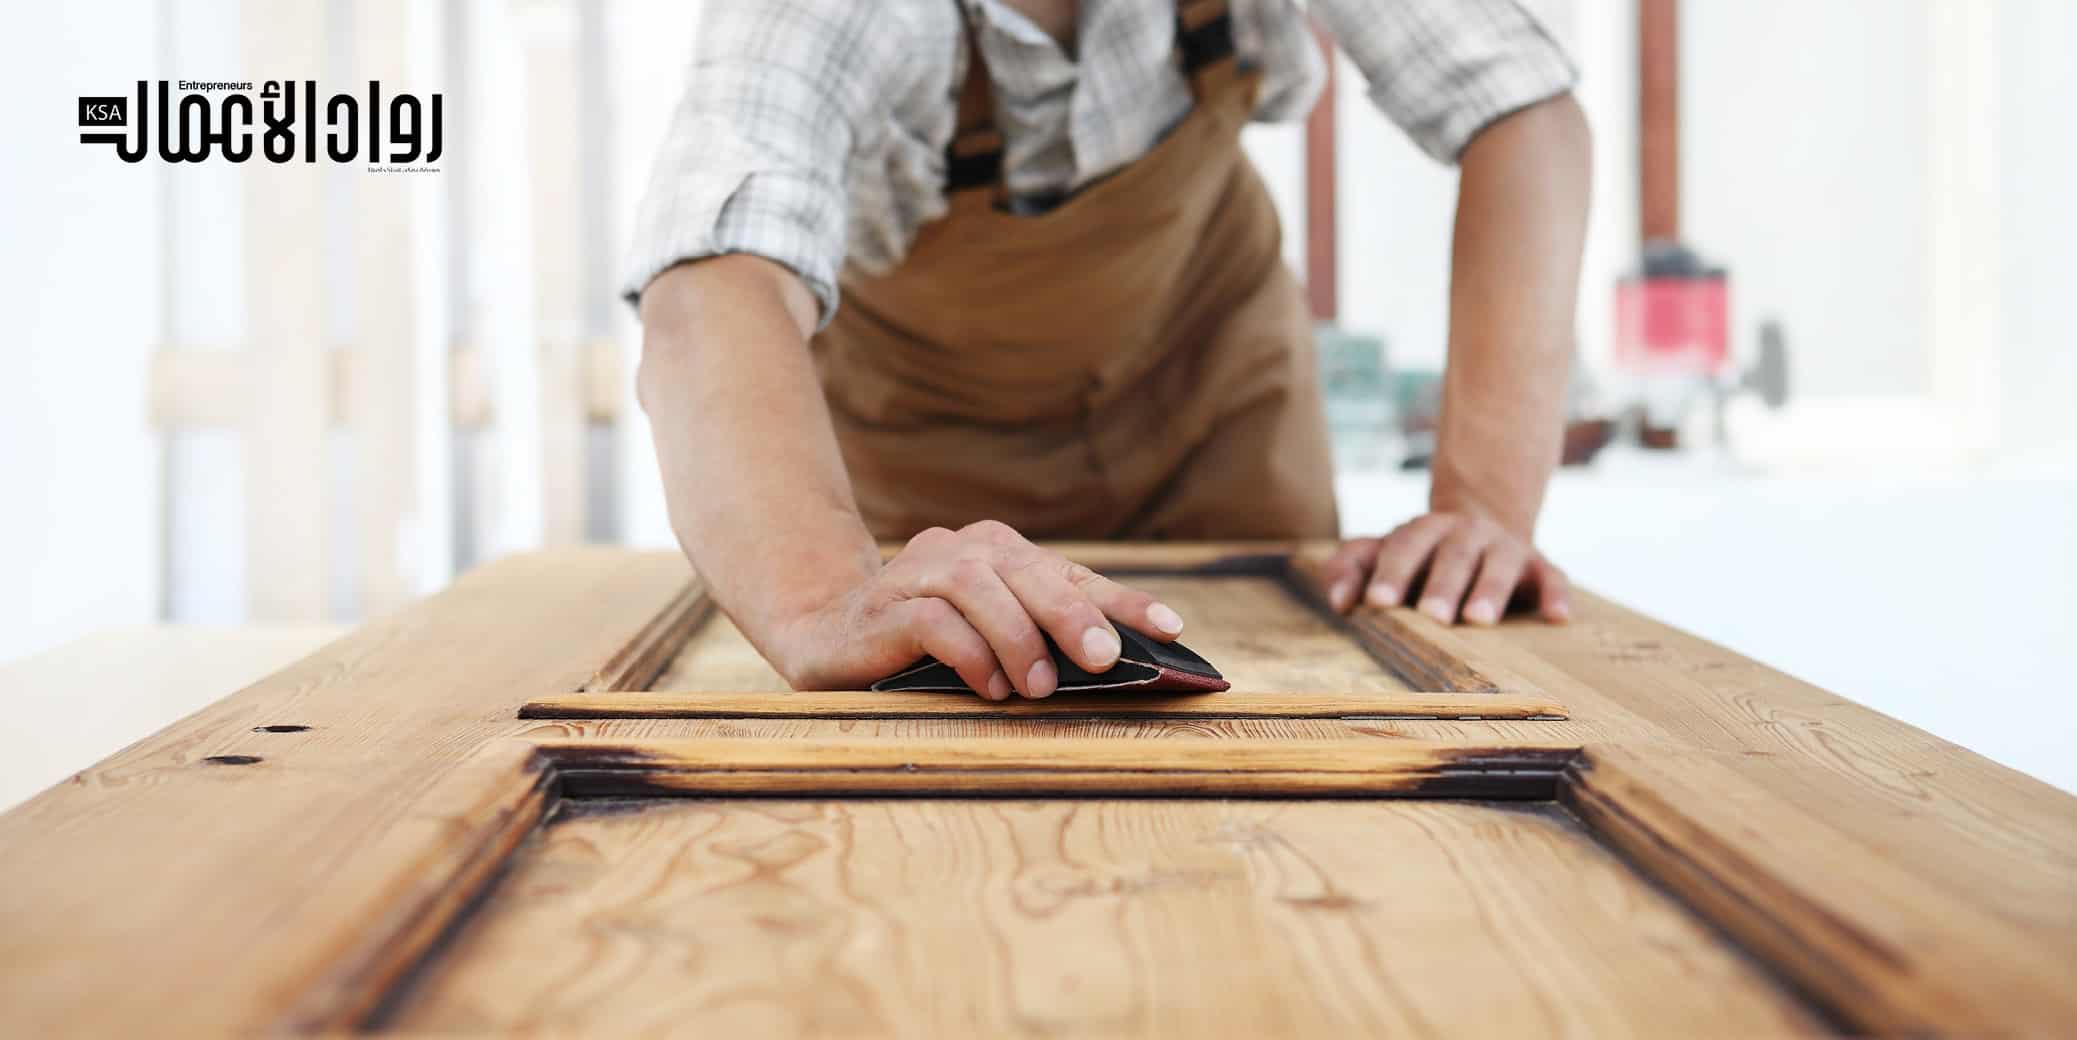 مشروع صناعة الأثاث الخشبي